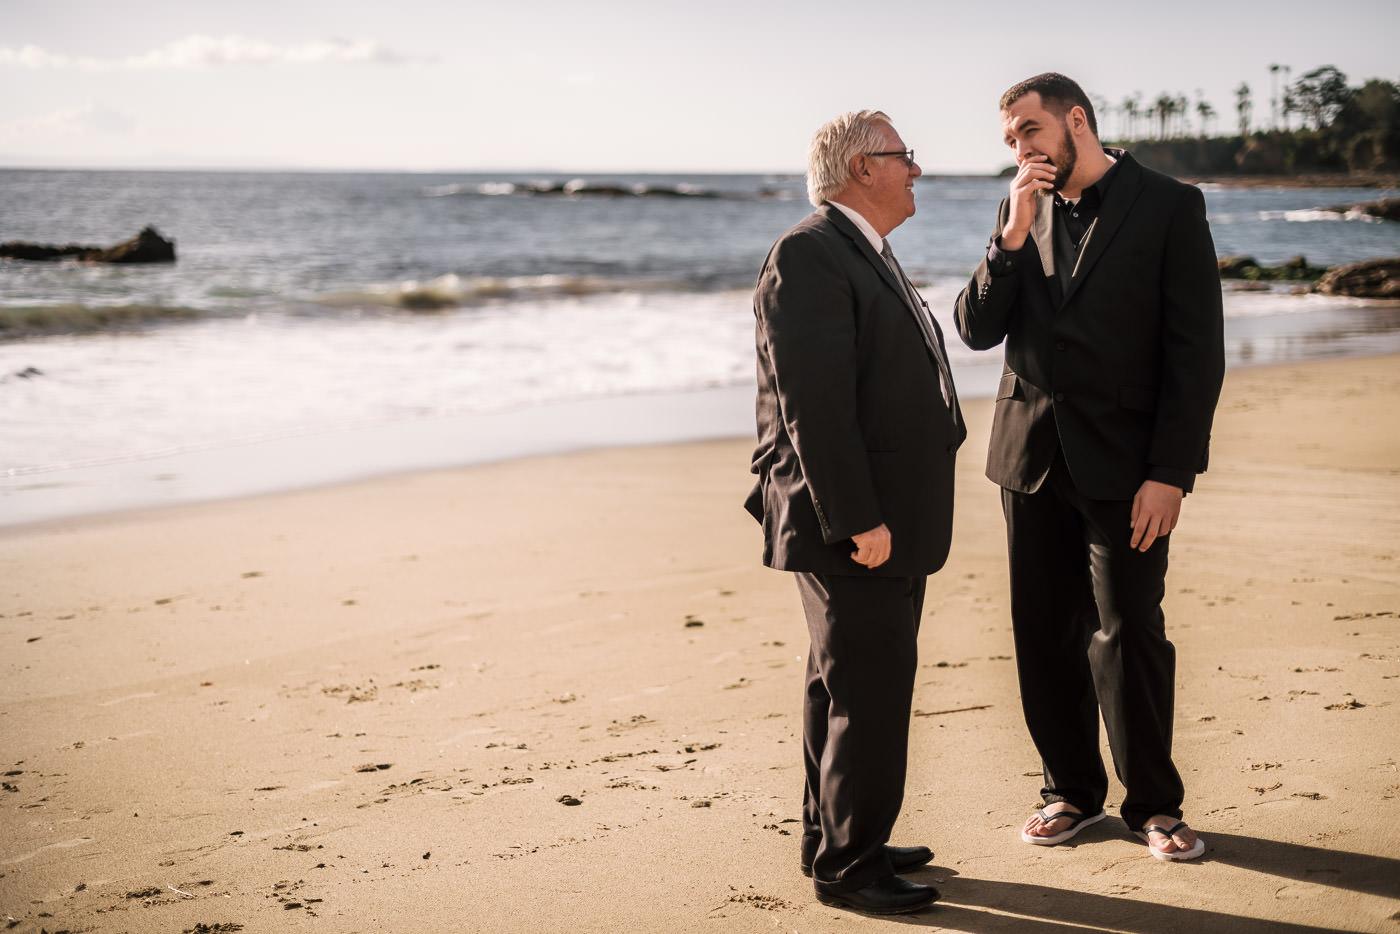 Groom talks with the minister on the sand at Laguna Beach.